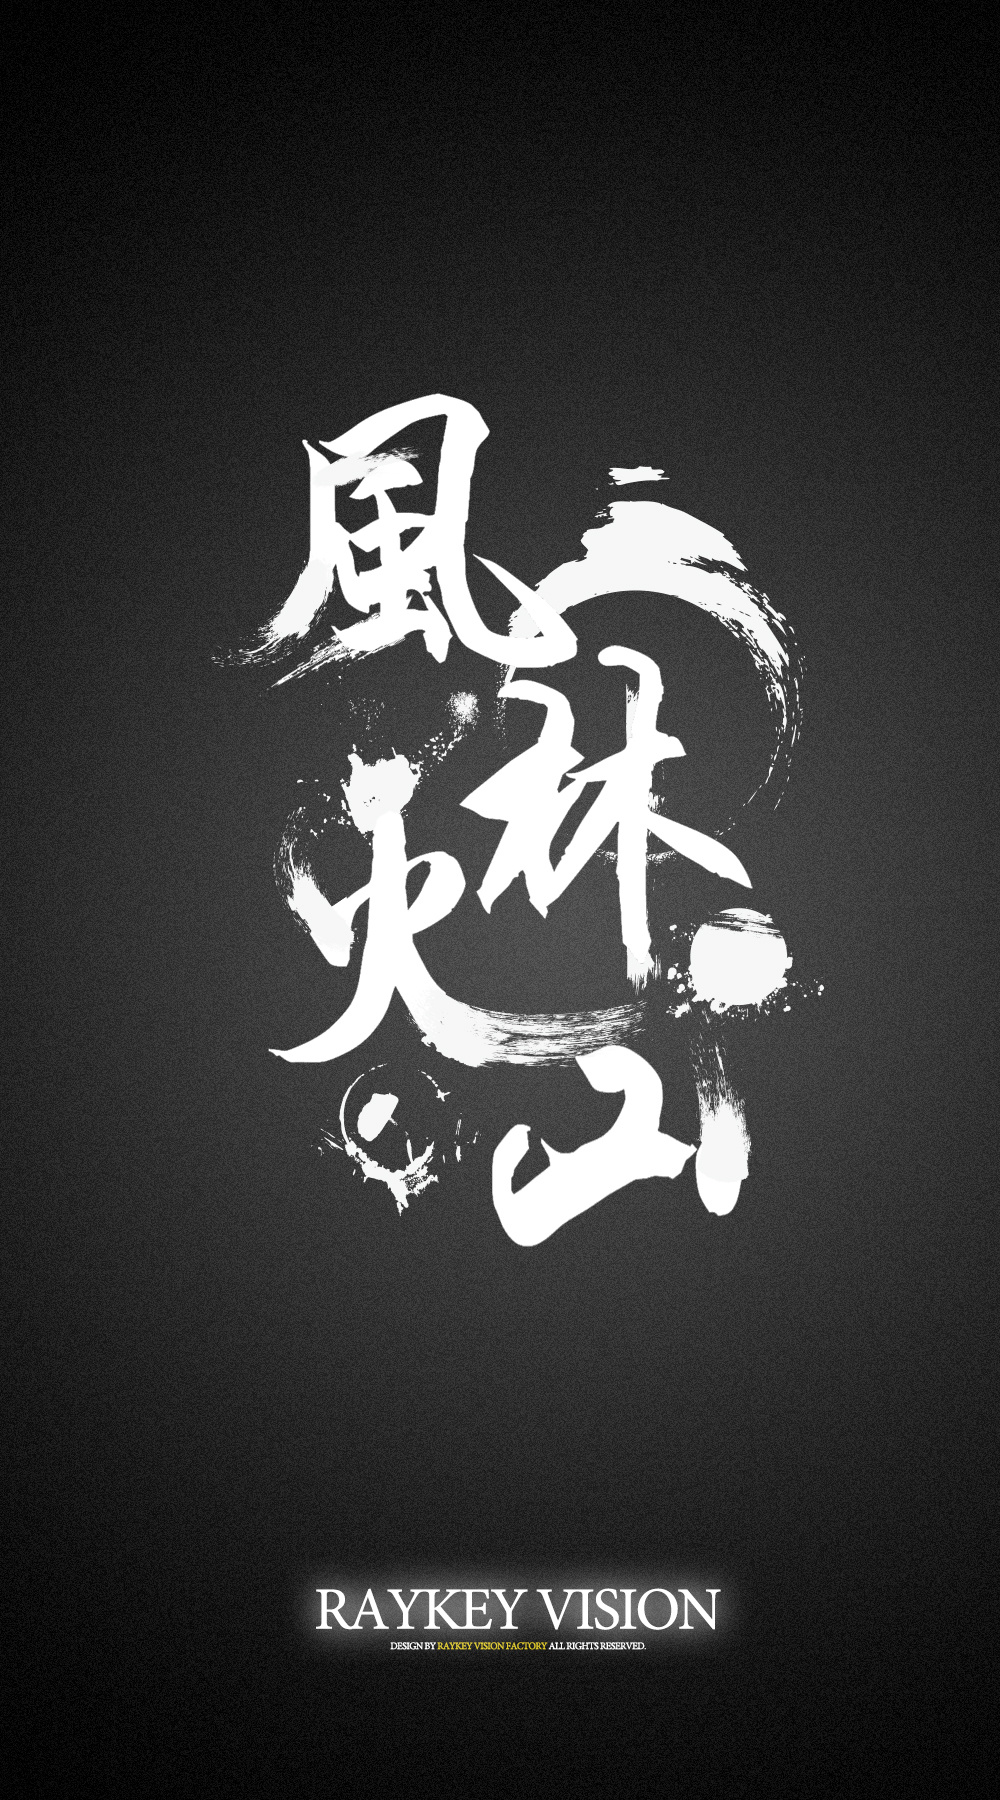 风林火山_风林火山官网图片